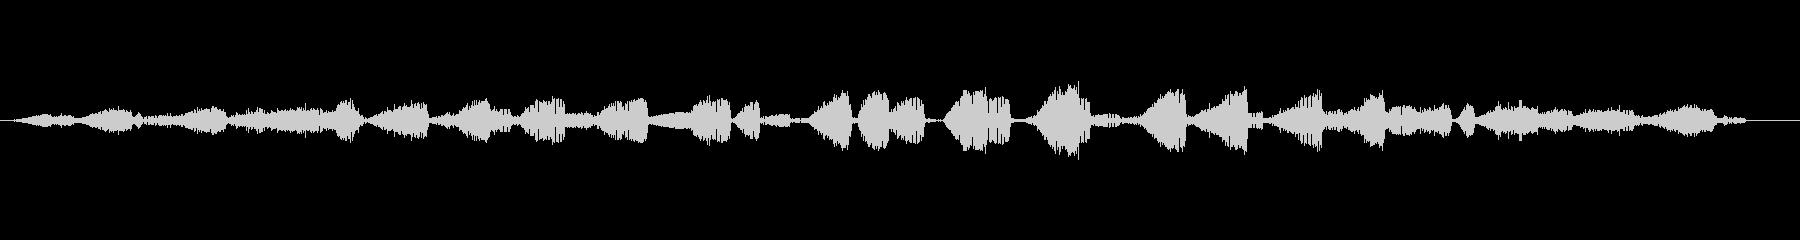 両生類、食用カエルラナエスクレンタ...の未再生の波形